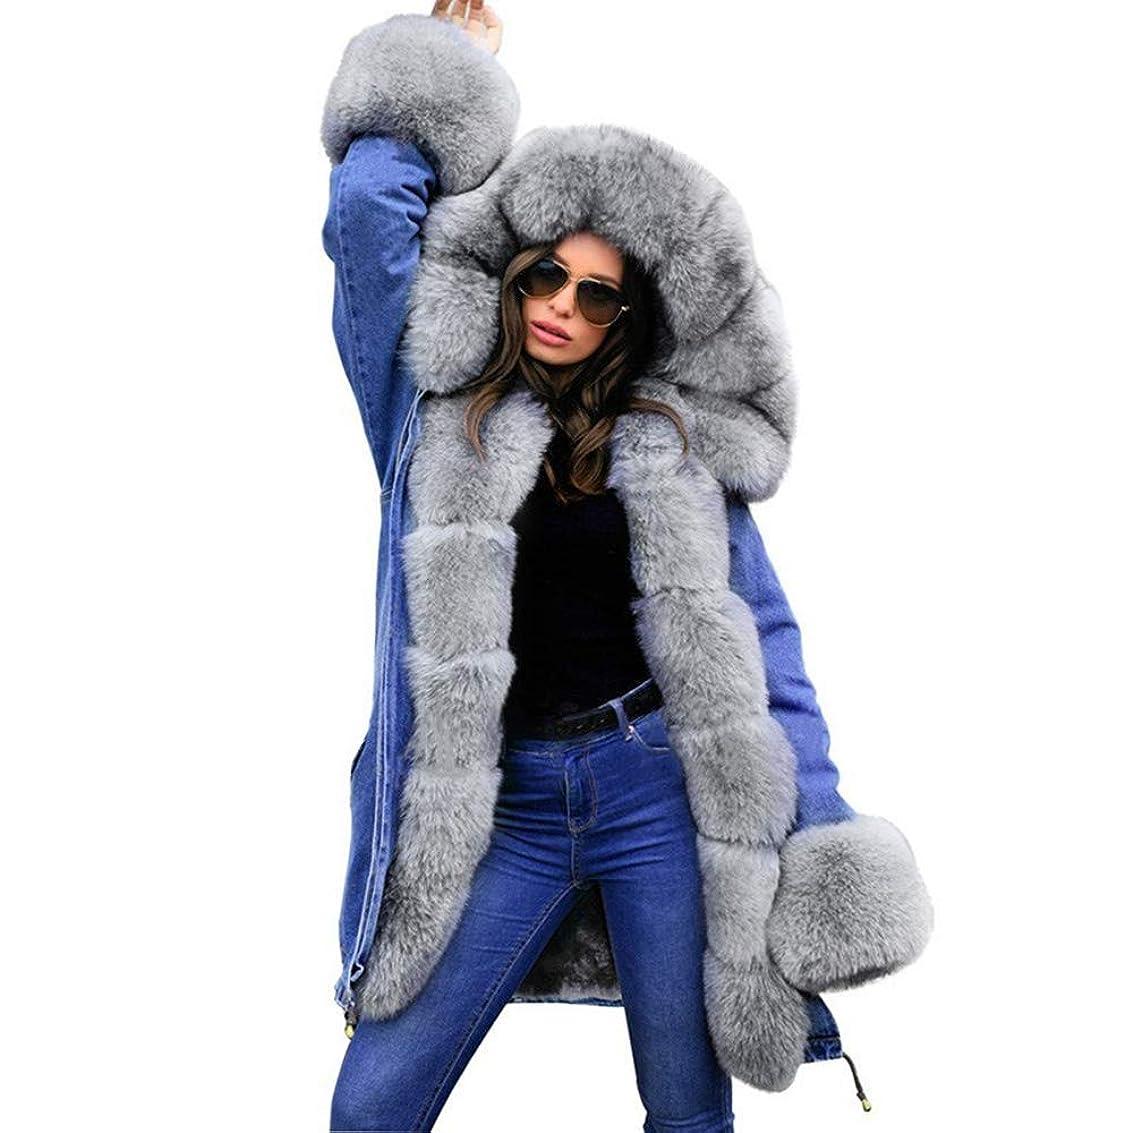 時制勘違いする病気の冬の女性のフード付きコートの毛皮の襟暖かいロングコートの女性の冬のジャケット女性のアウター,XL